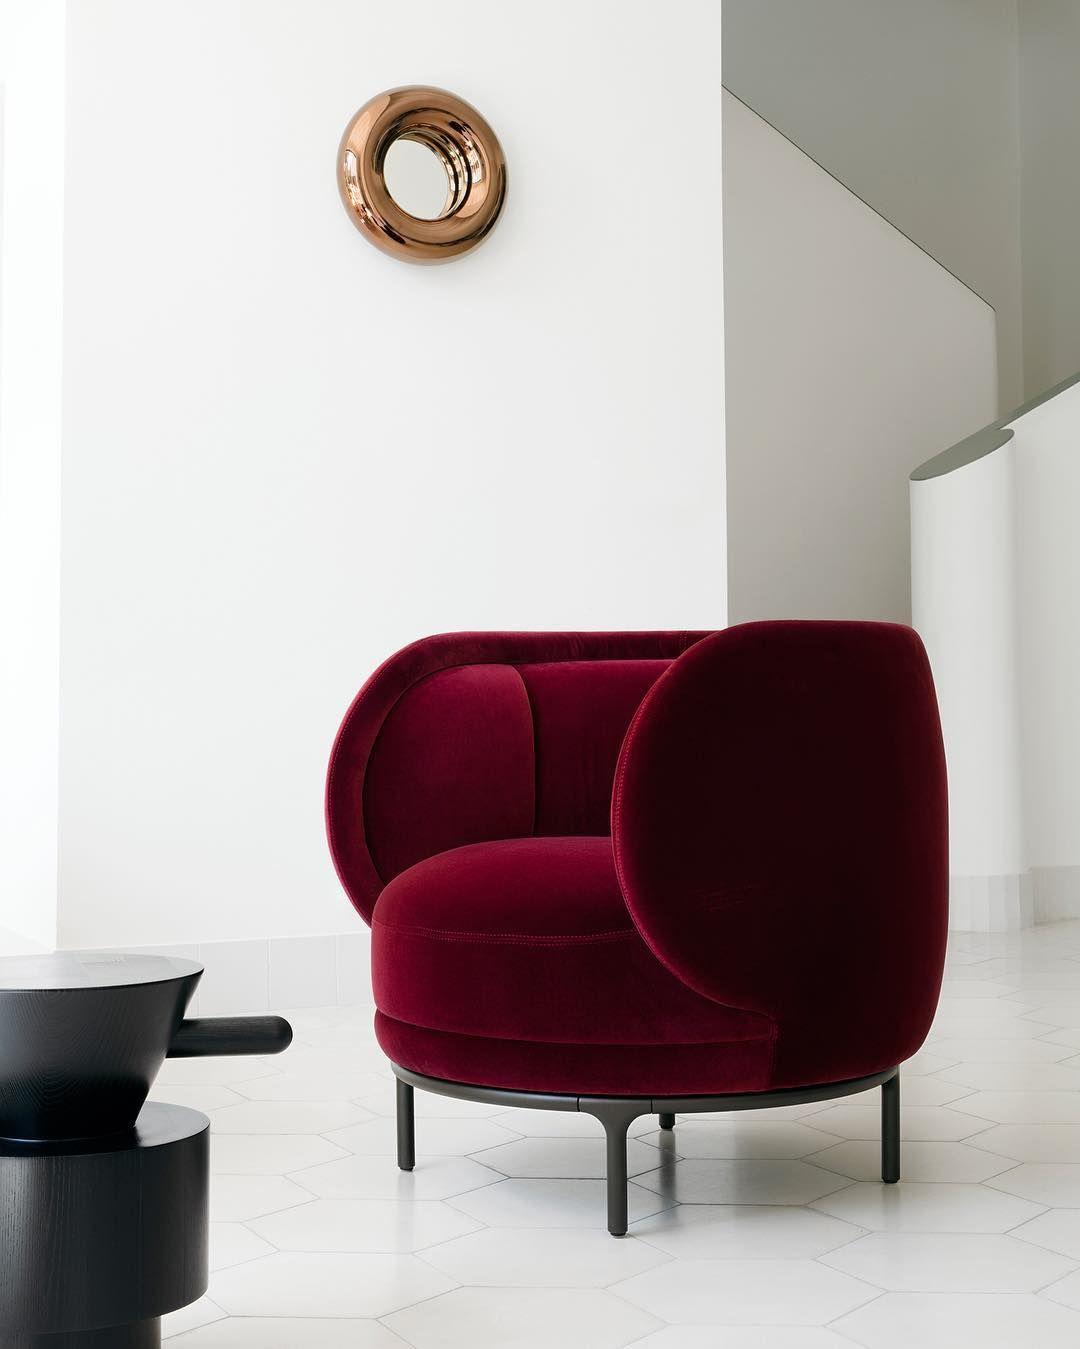 Wohndesign möbel samt sessel  wohndesign  wohnzimmer ideen  brabbu